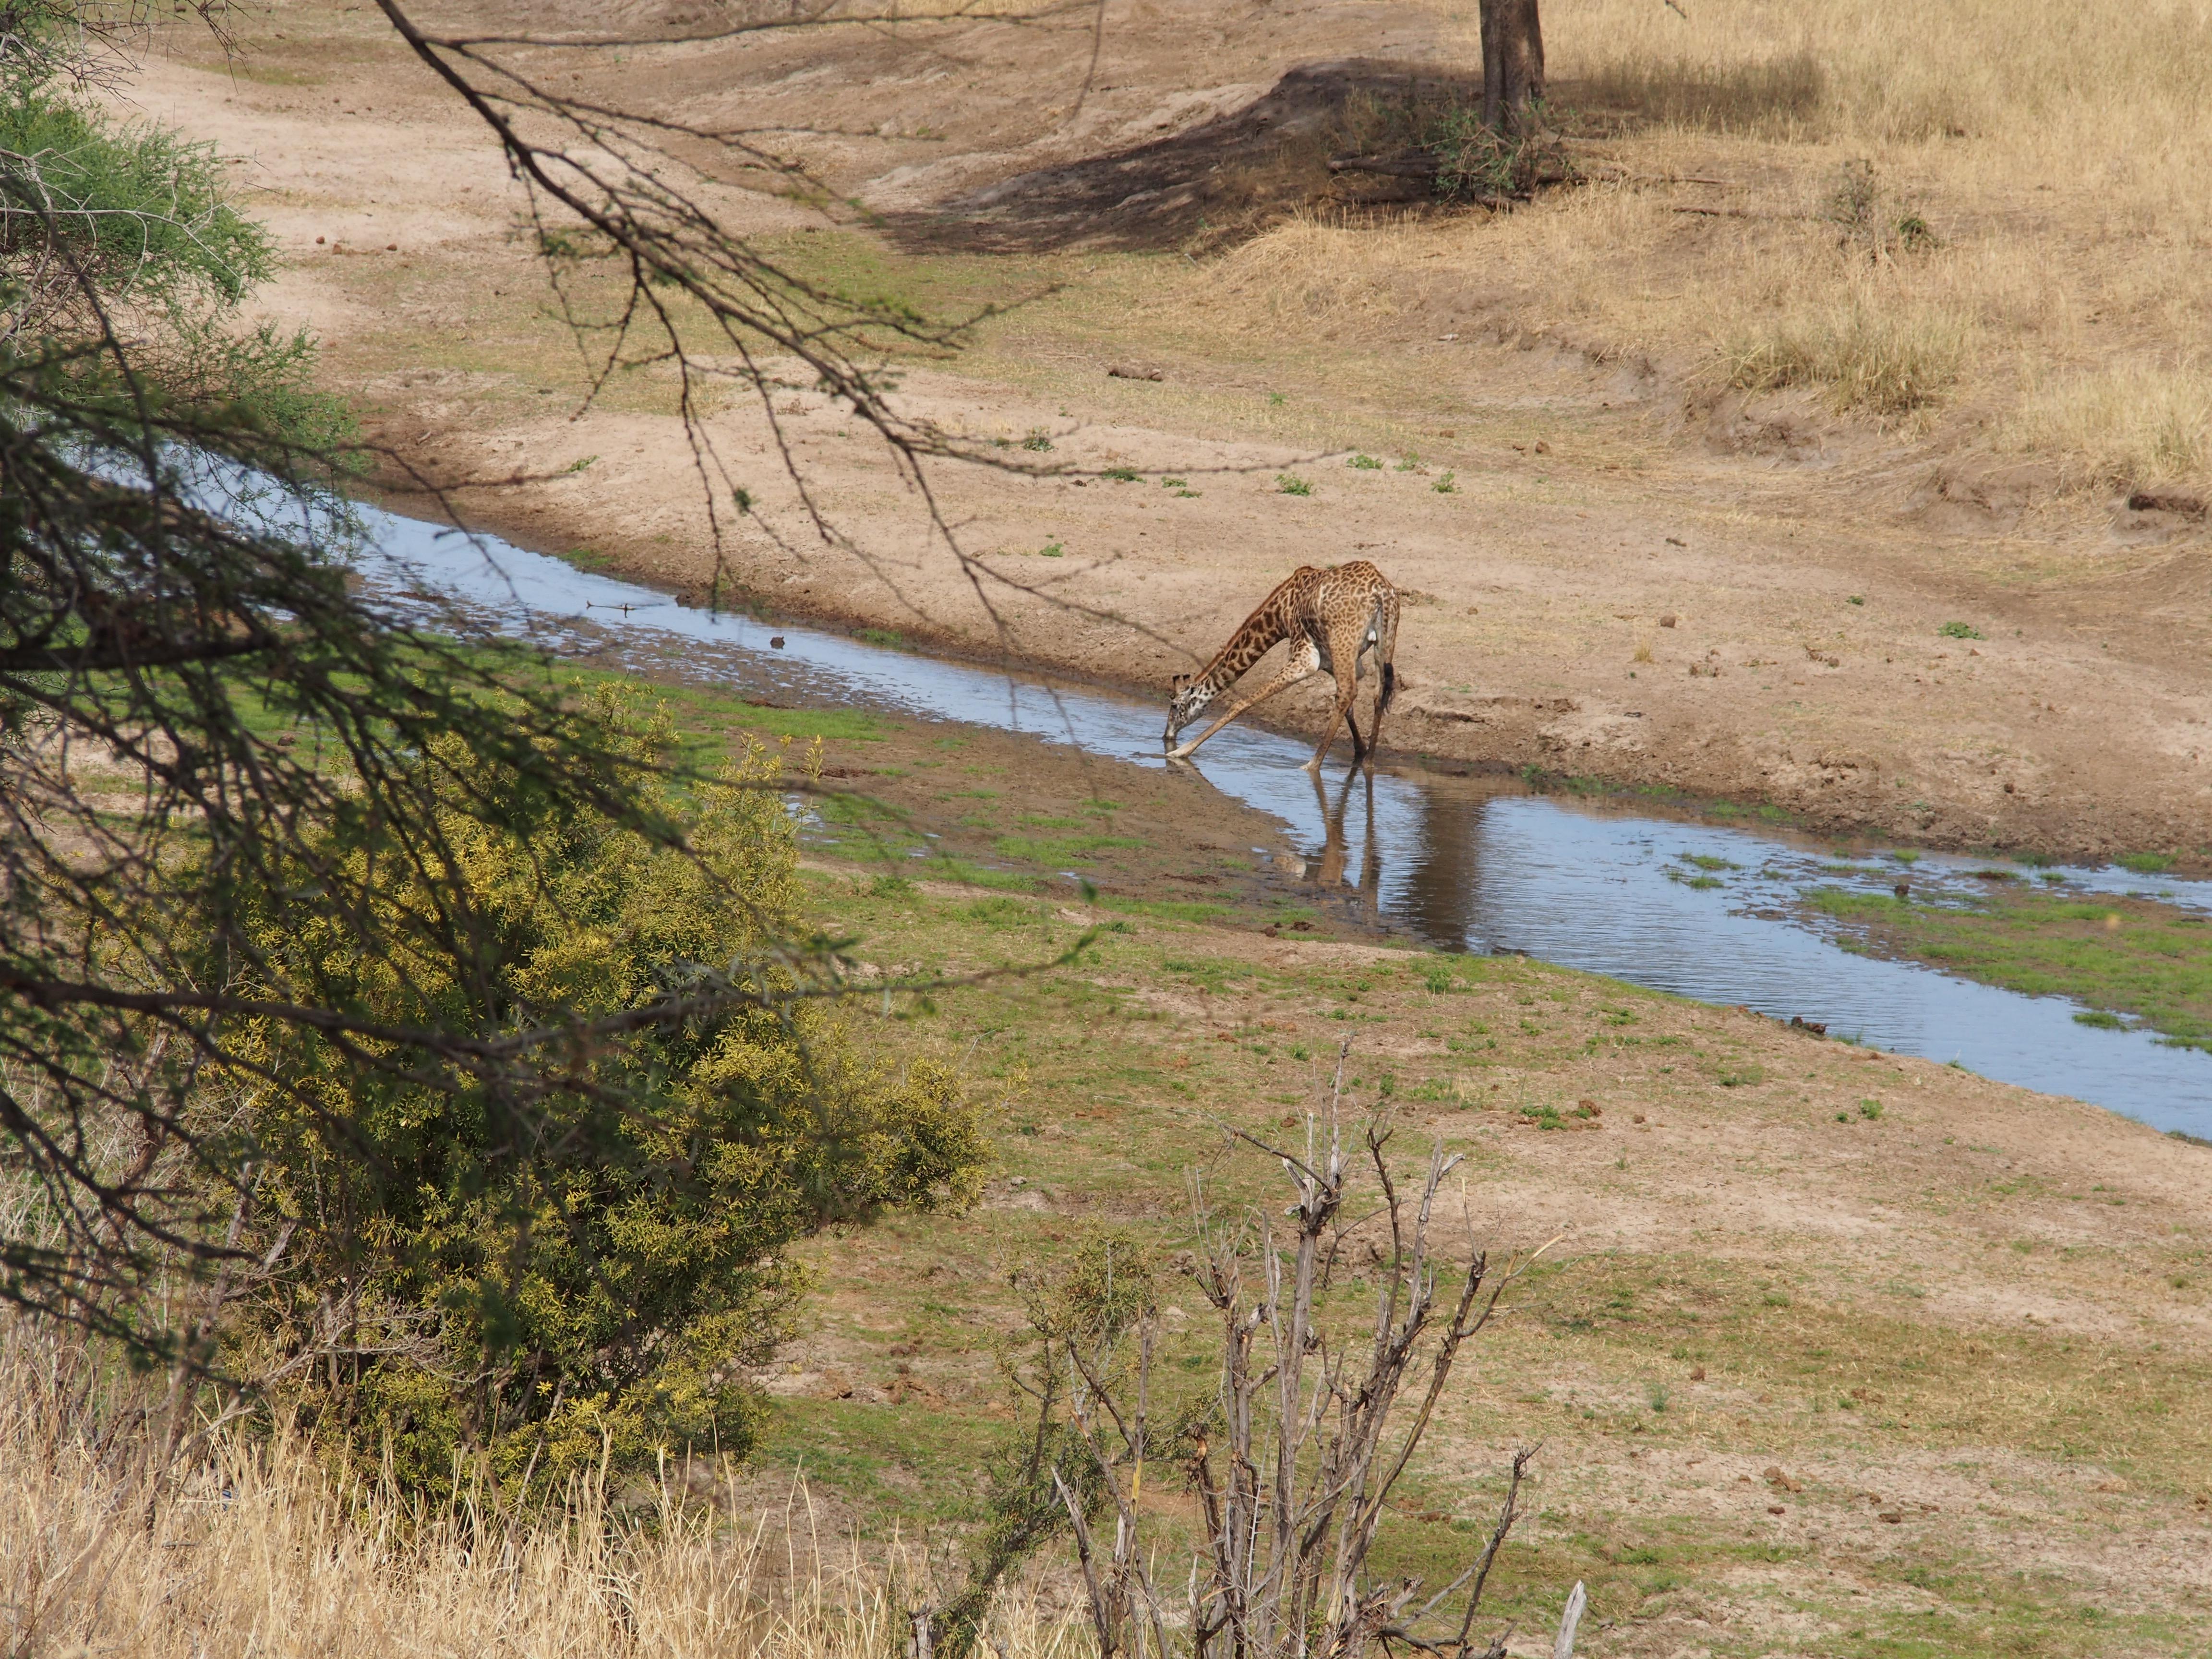 Kuiva kausi on vielä menoillaan ja se kyllä näky. Marraskuusta alkaen vettä pitäin alkaa tuleen niin että soi!